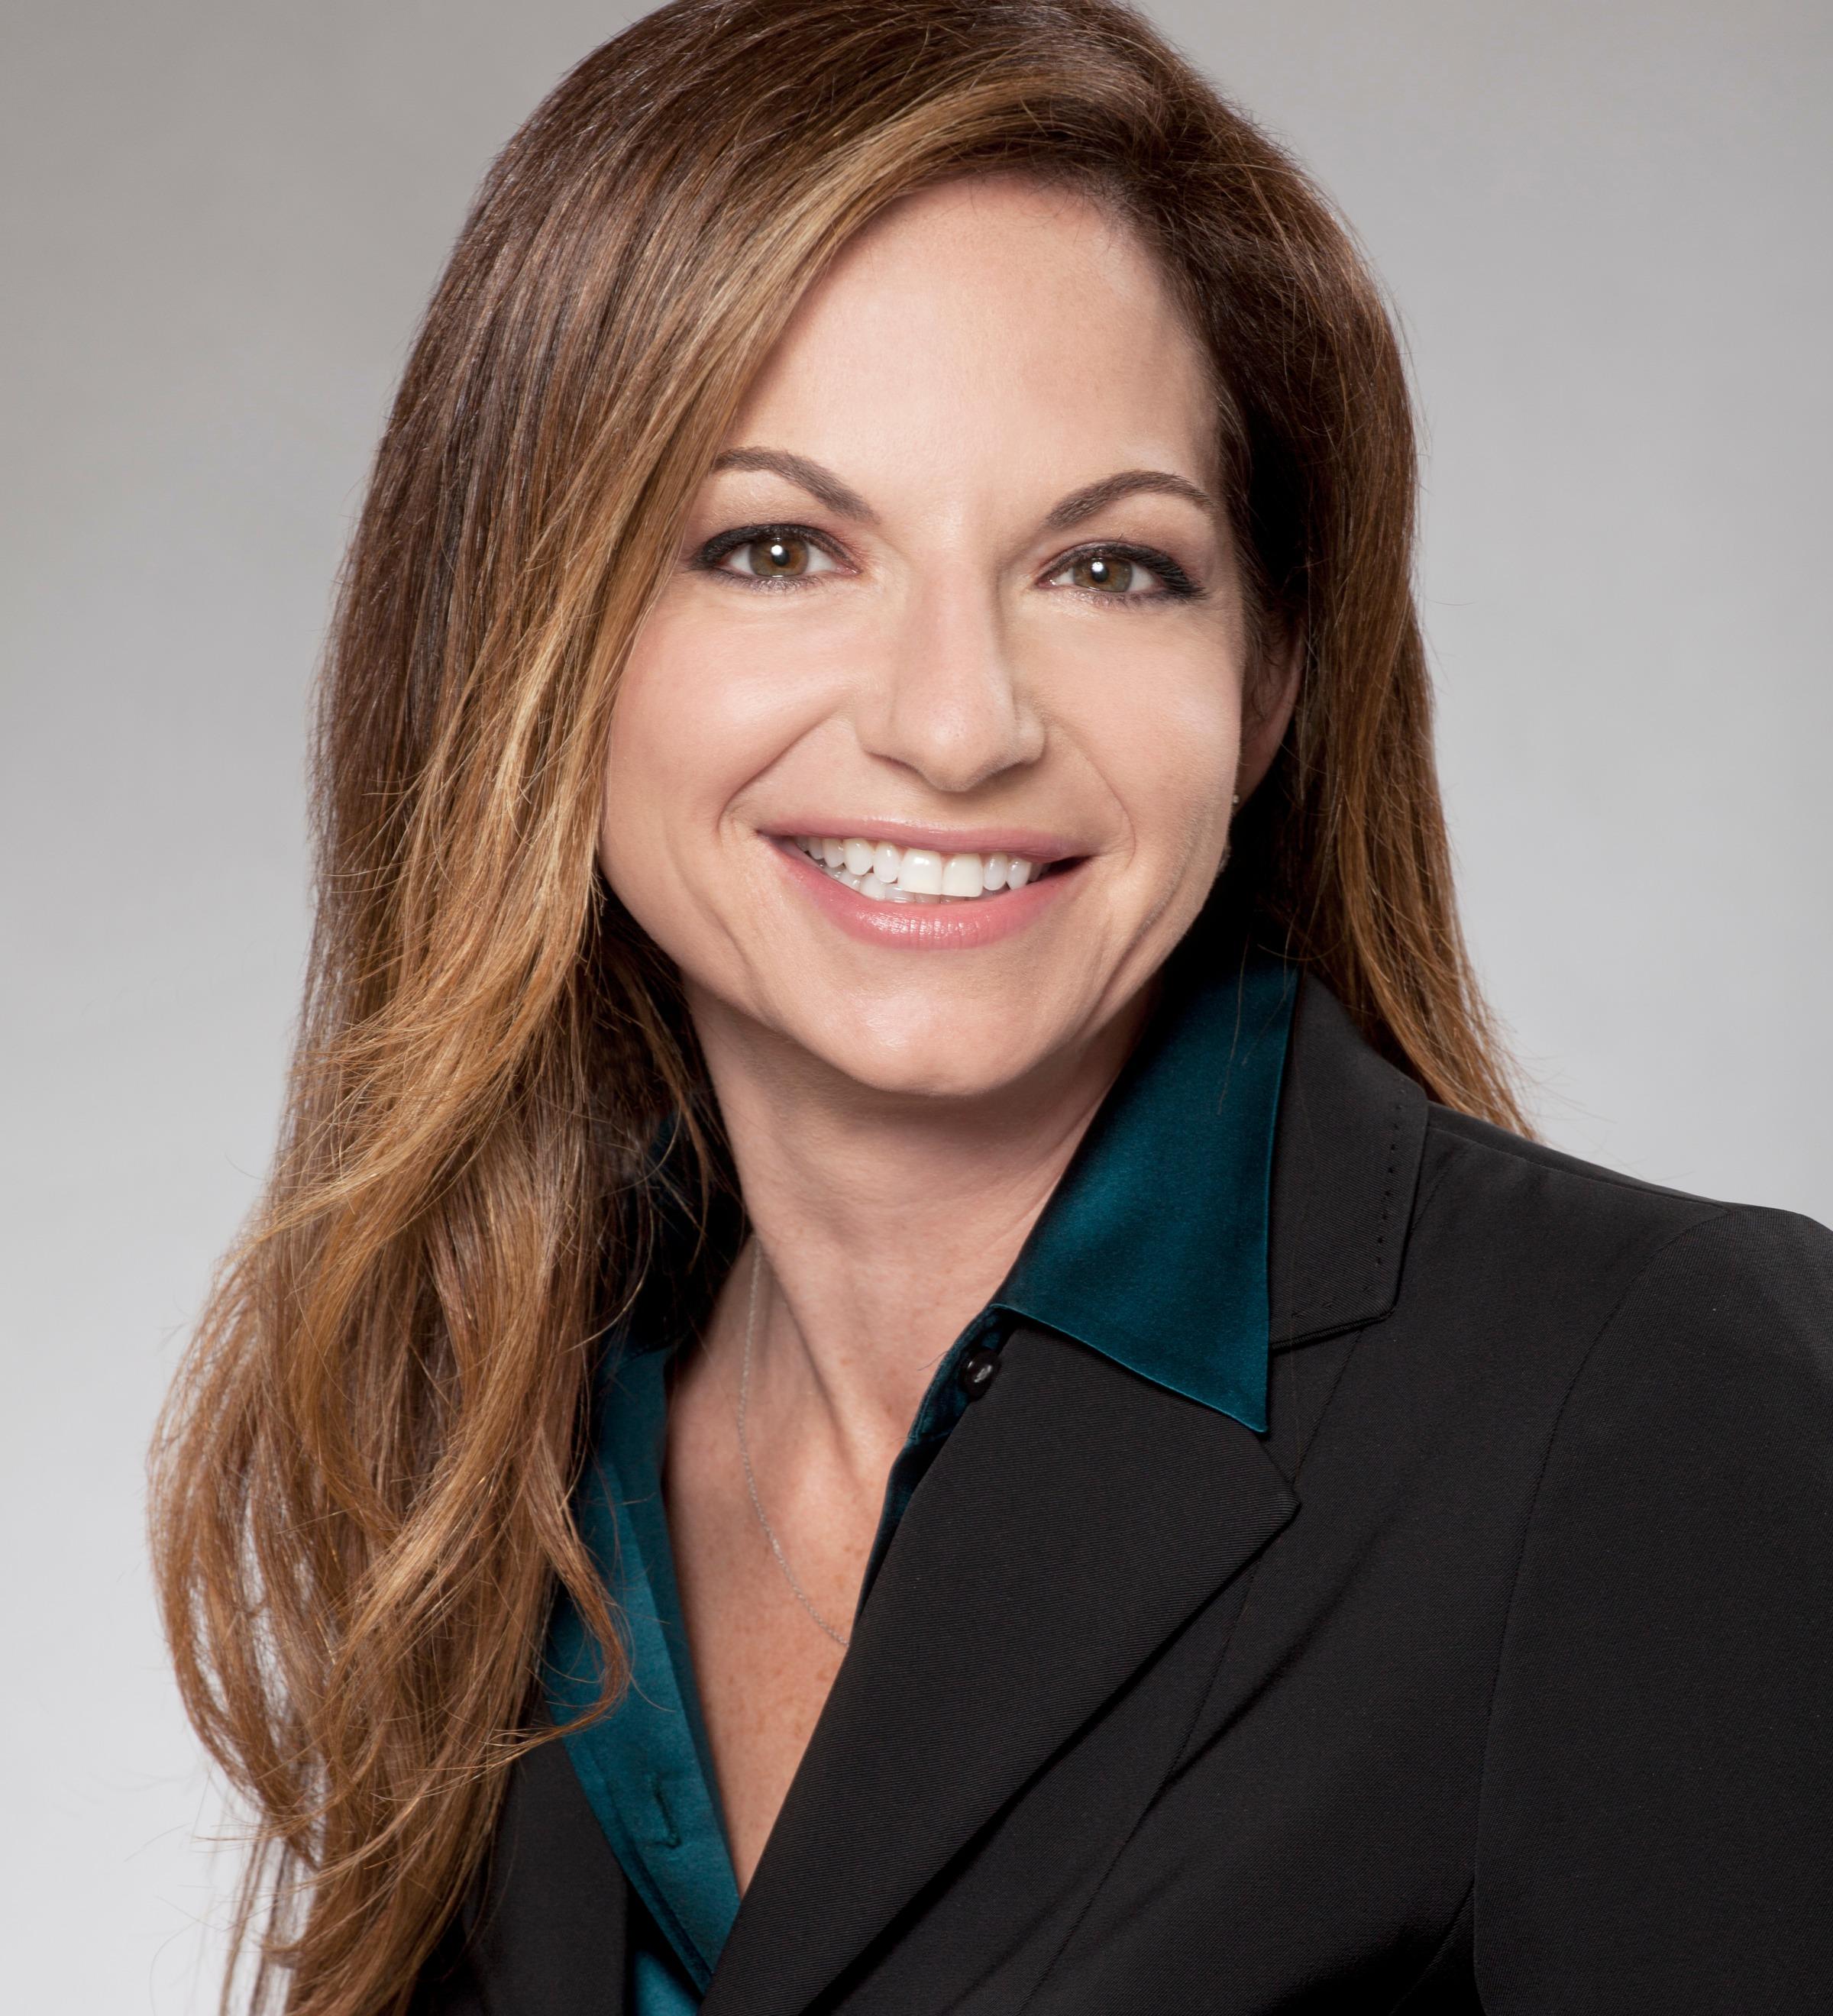 Laura Sedrish's Profile Image